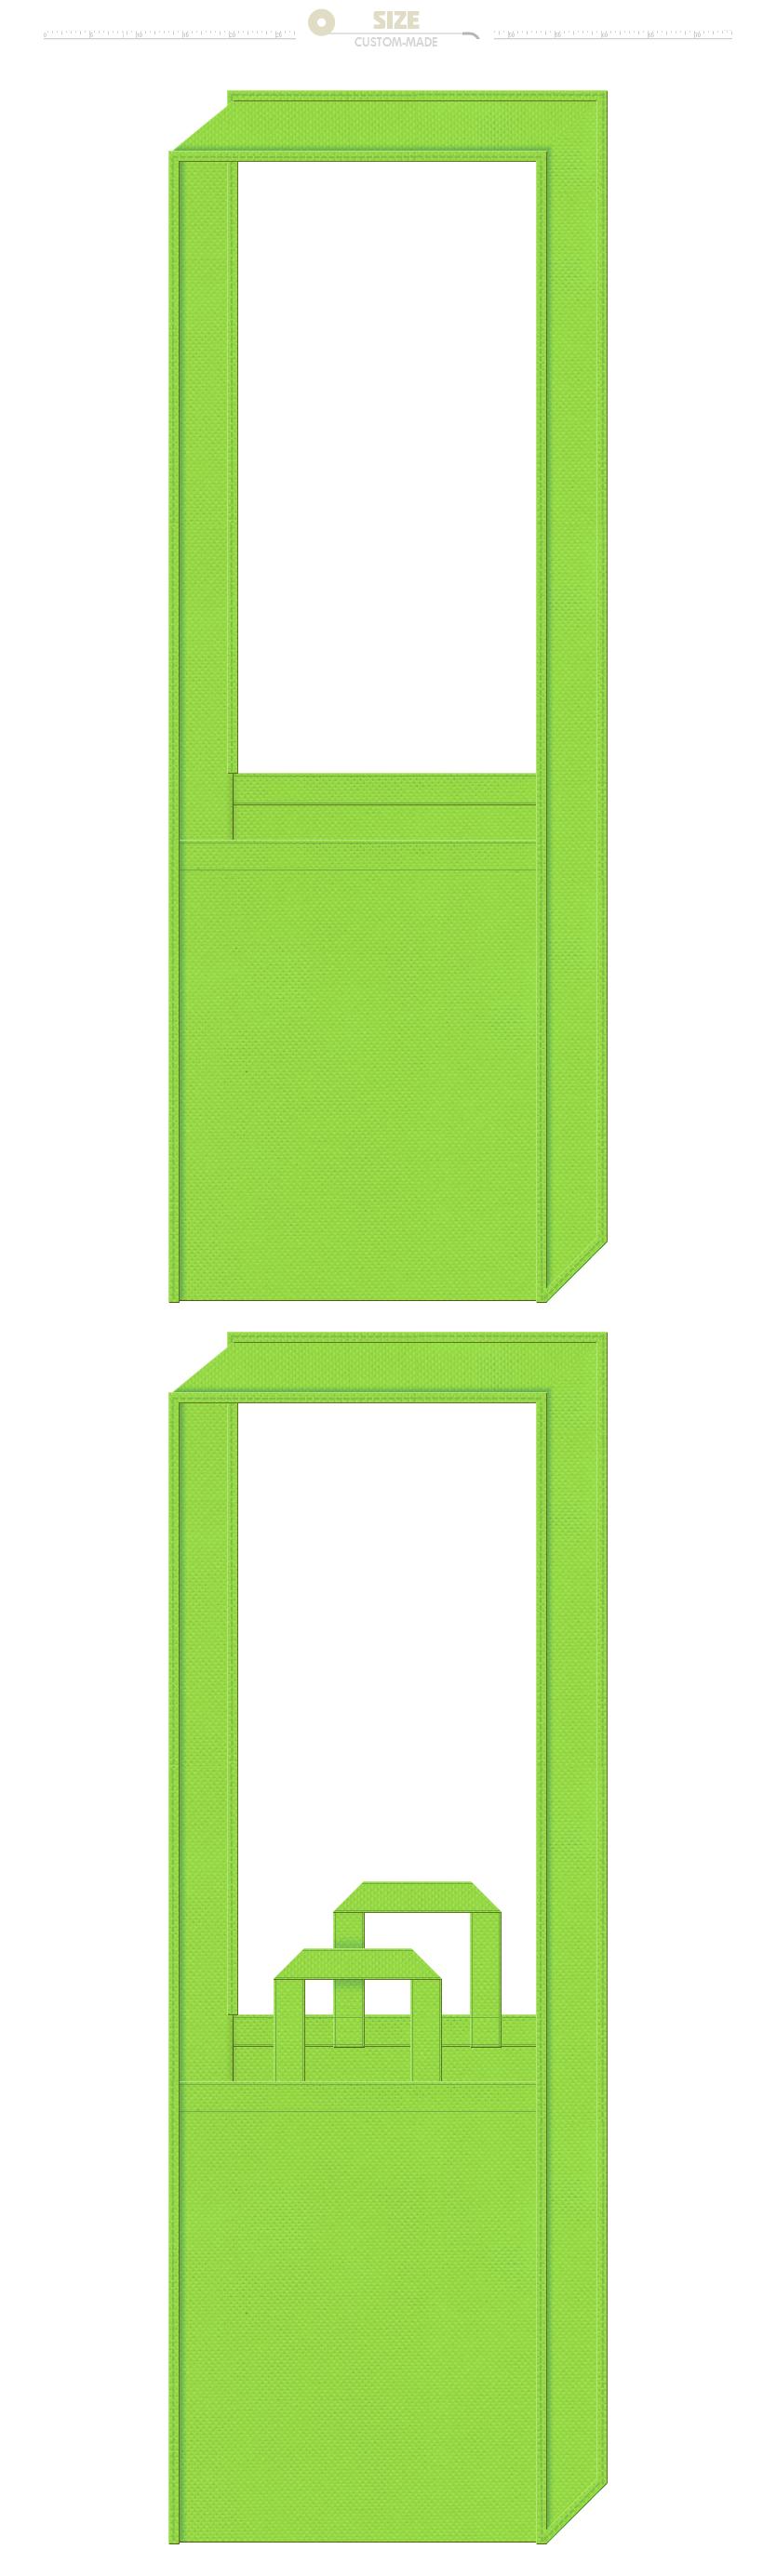 黄緑色の不織布メッセンジャーバッグにお奨めのイメージ:エコ・ナチュラル・人工芝・新鮮・新緑・新茶・マカロン・マスカット・メロン・青りんご・枝豆・キャベツ・ゴルフ場・テニスコート・南国の鳥・カッパ・カエル・バッタ・アニメ・キャラクター・おもちゃ・ロールプレイングゲーム